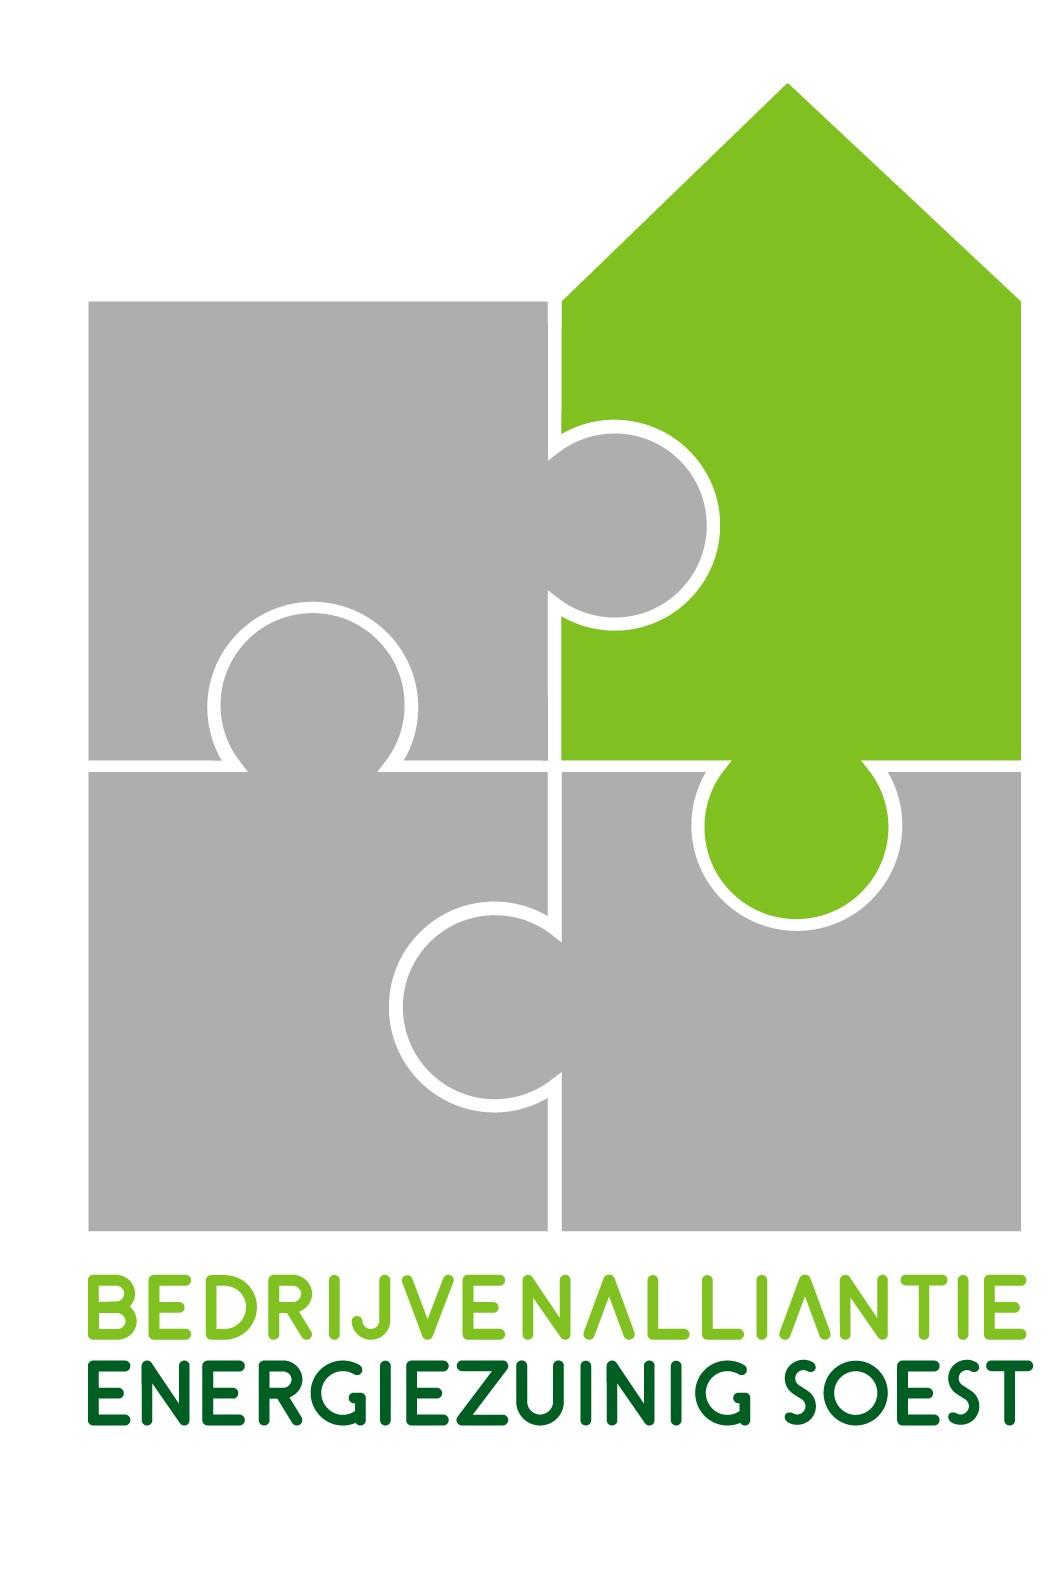 Bedrijvenalliantie_Energiezuinig_Soest